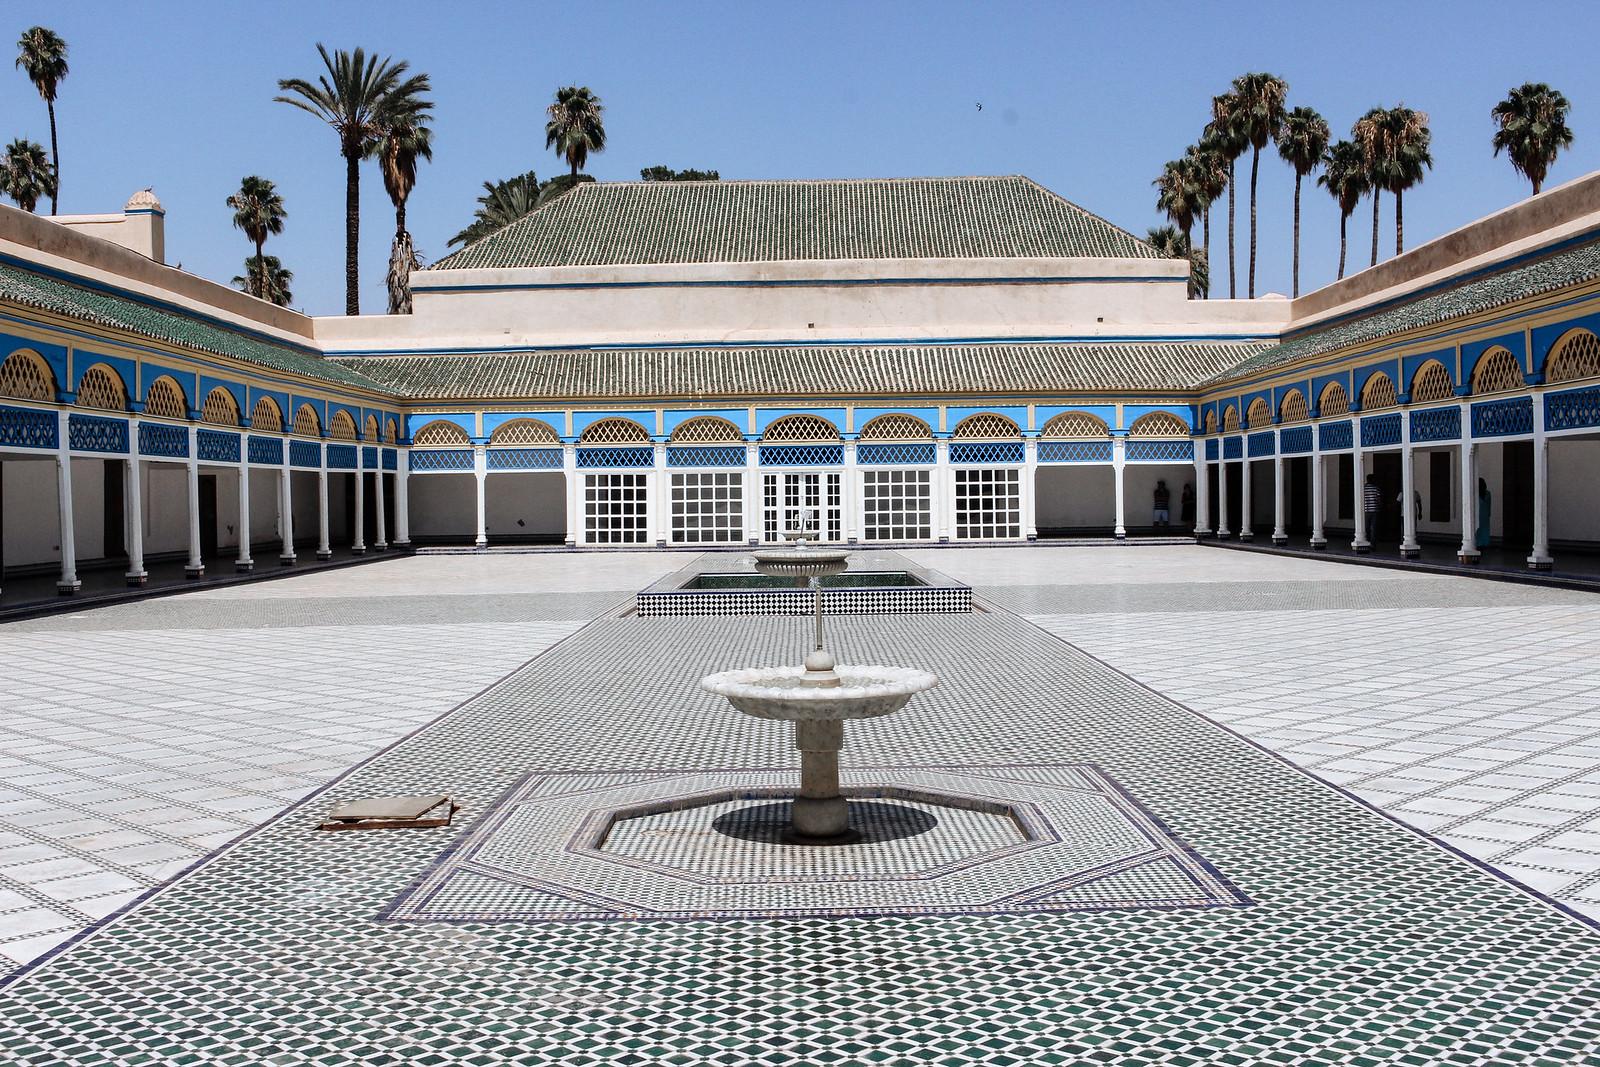 Marrakech - kisses,vera-49